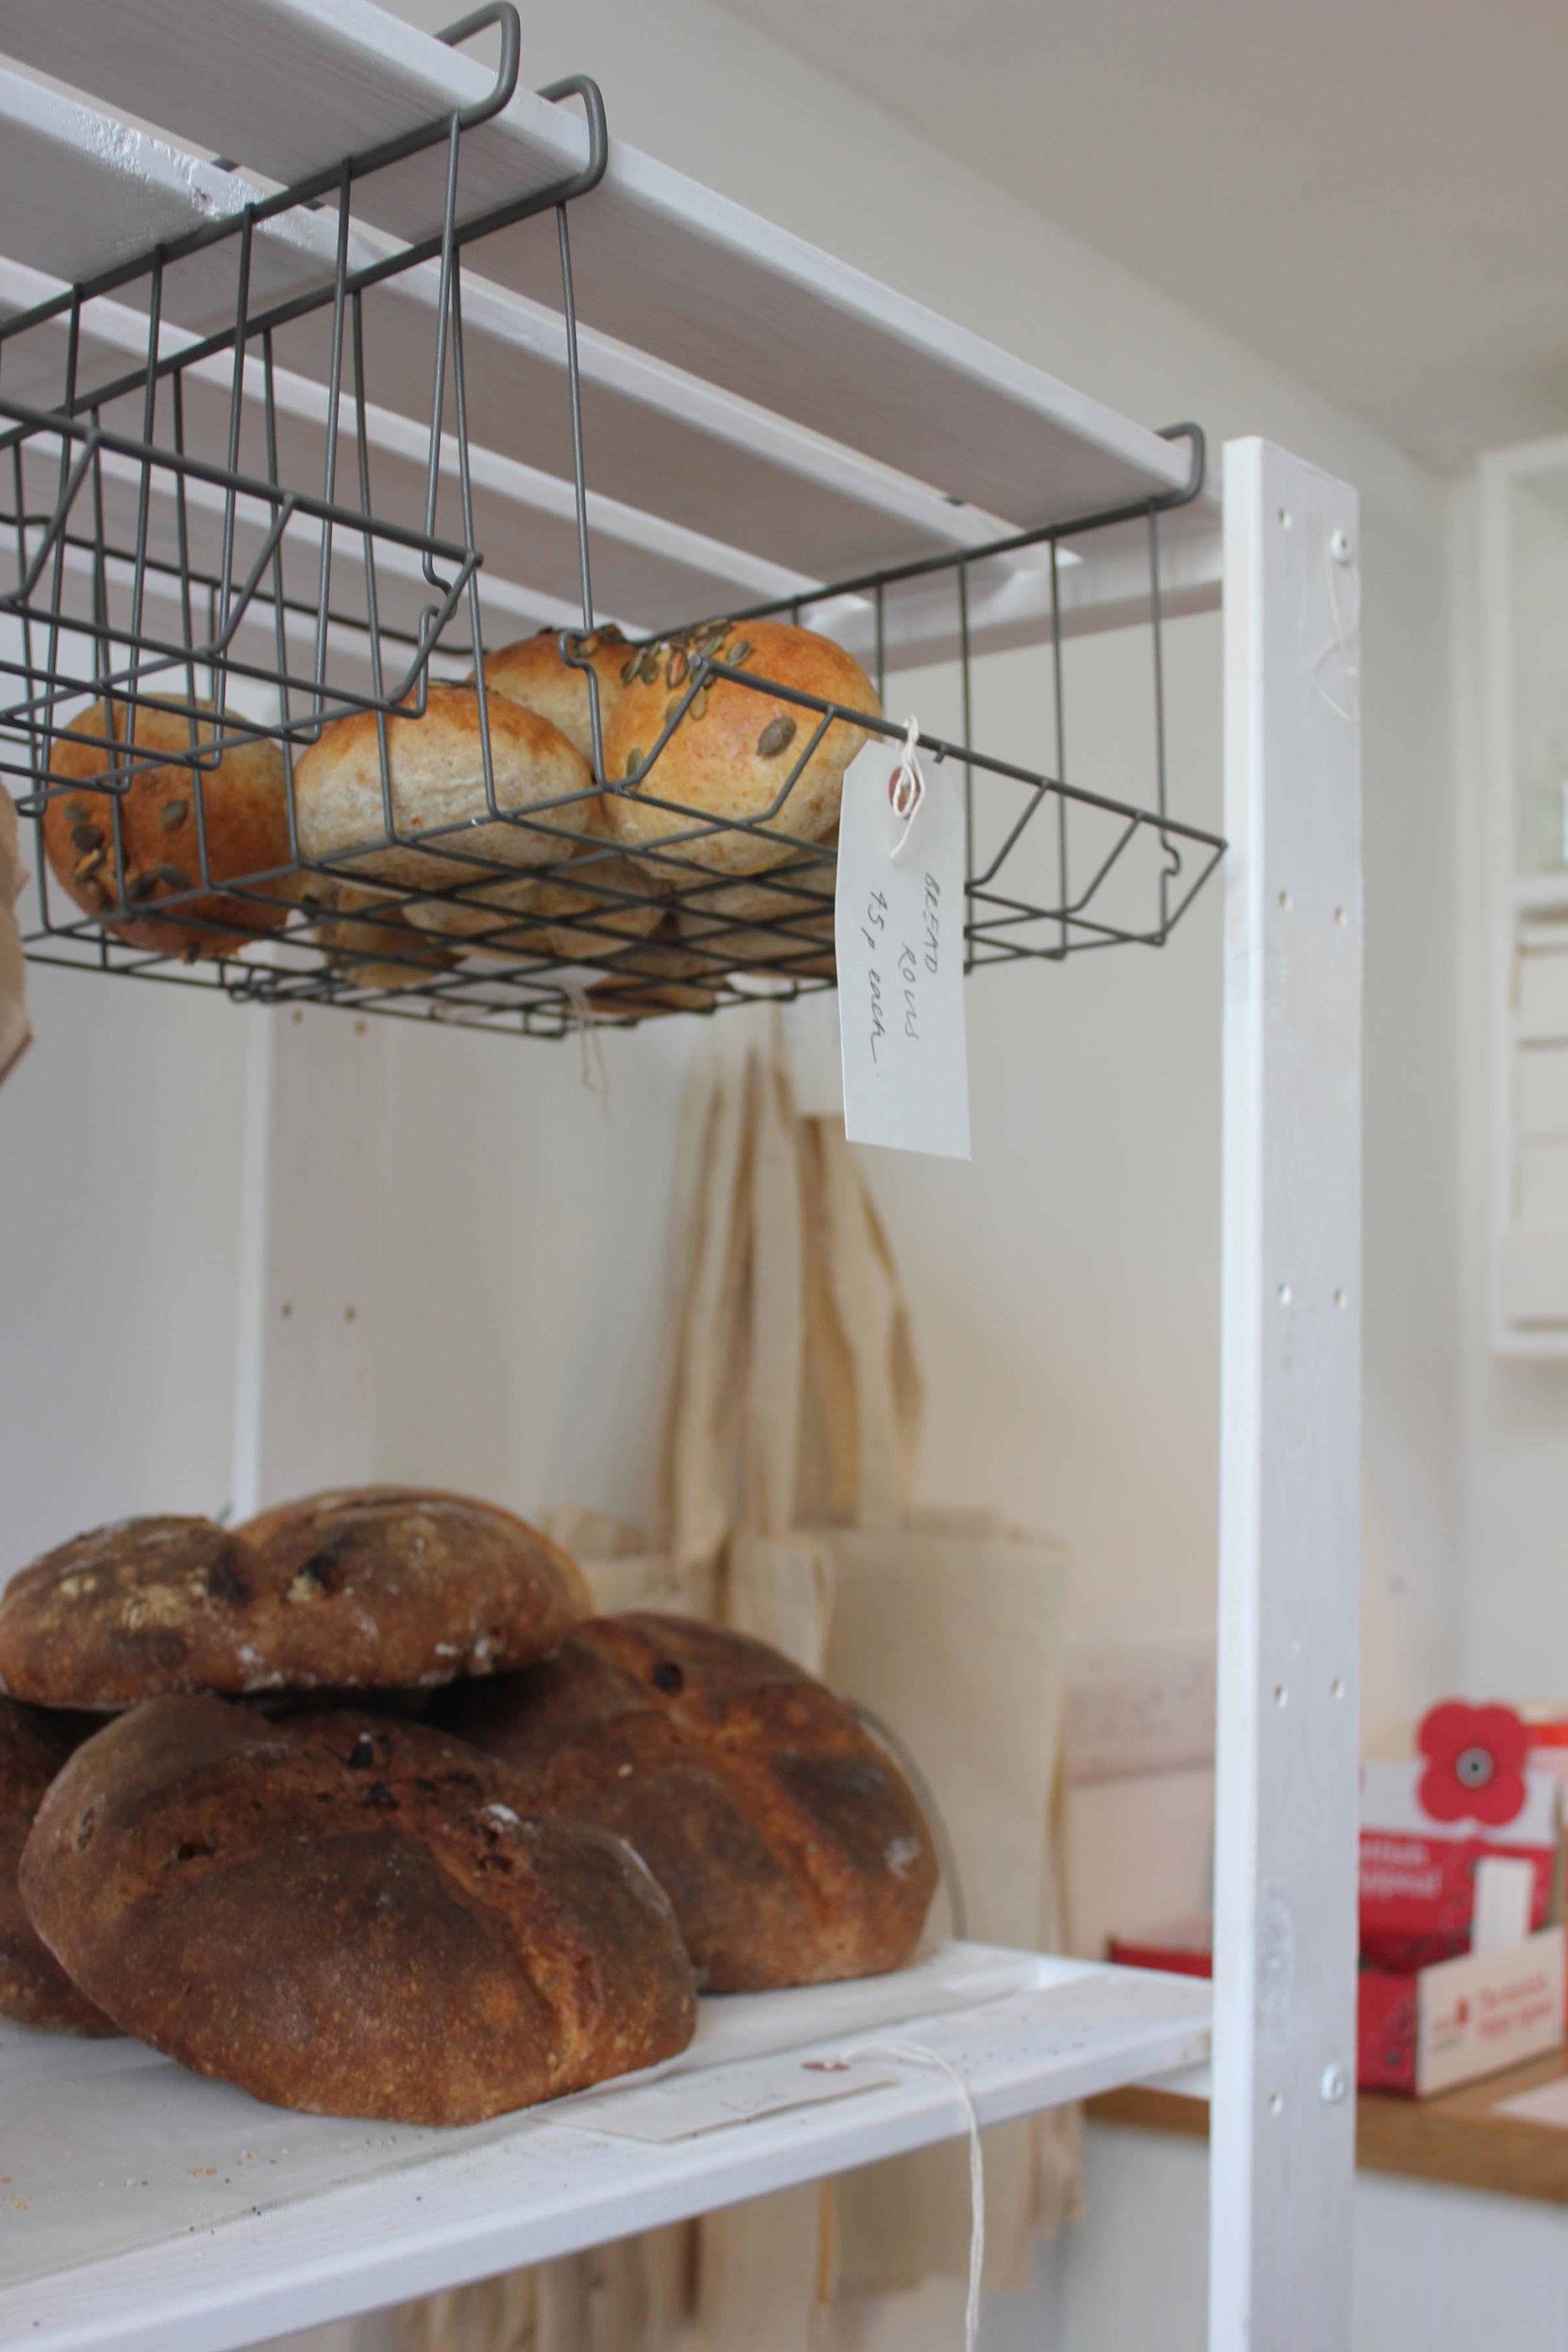 Aran Bakery, Dunkeld